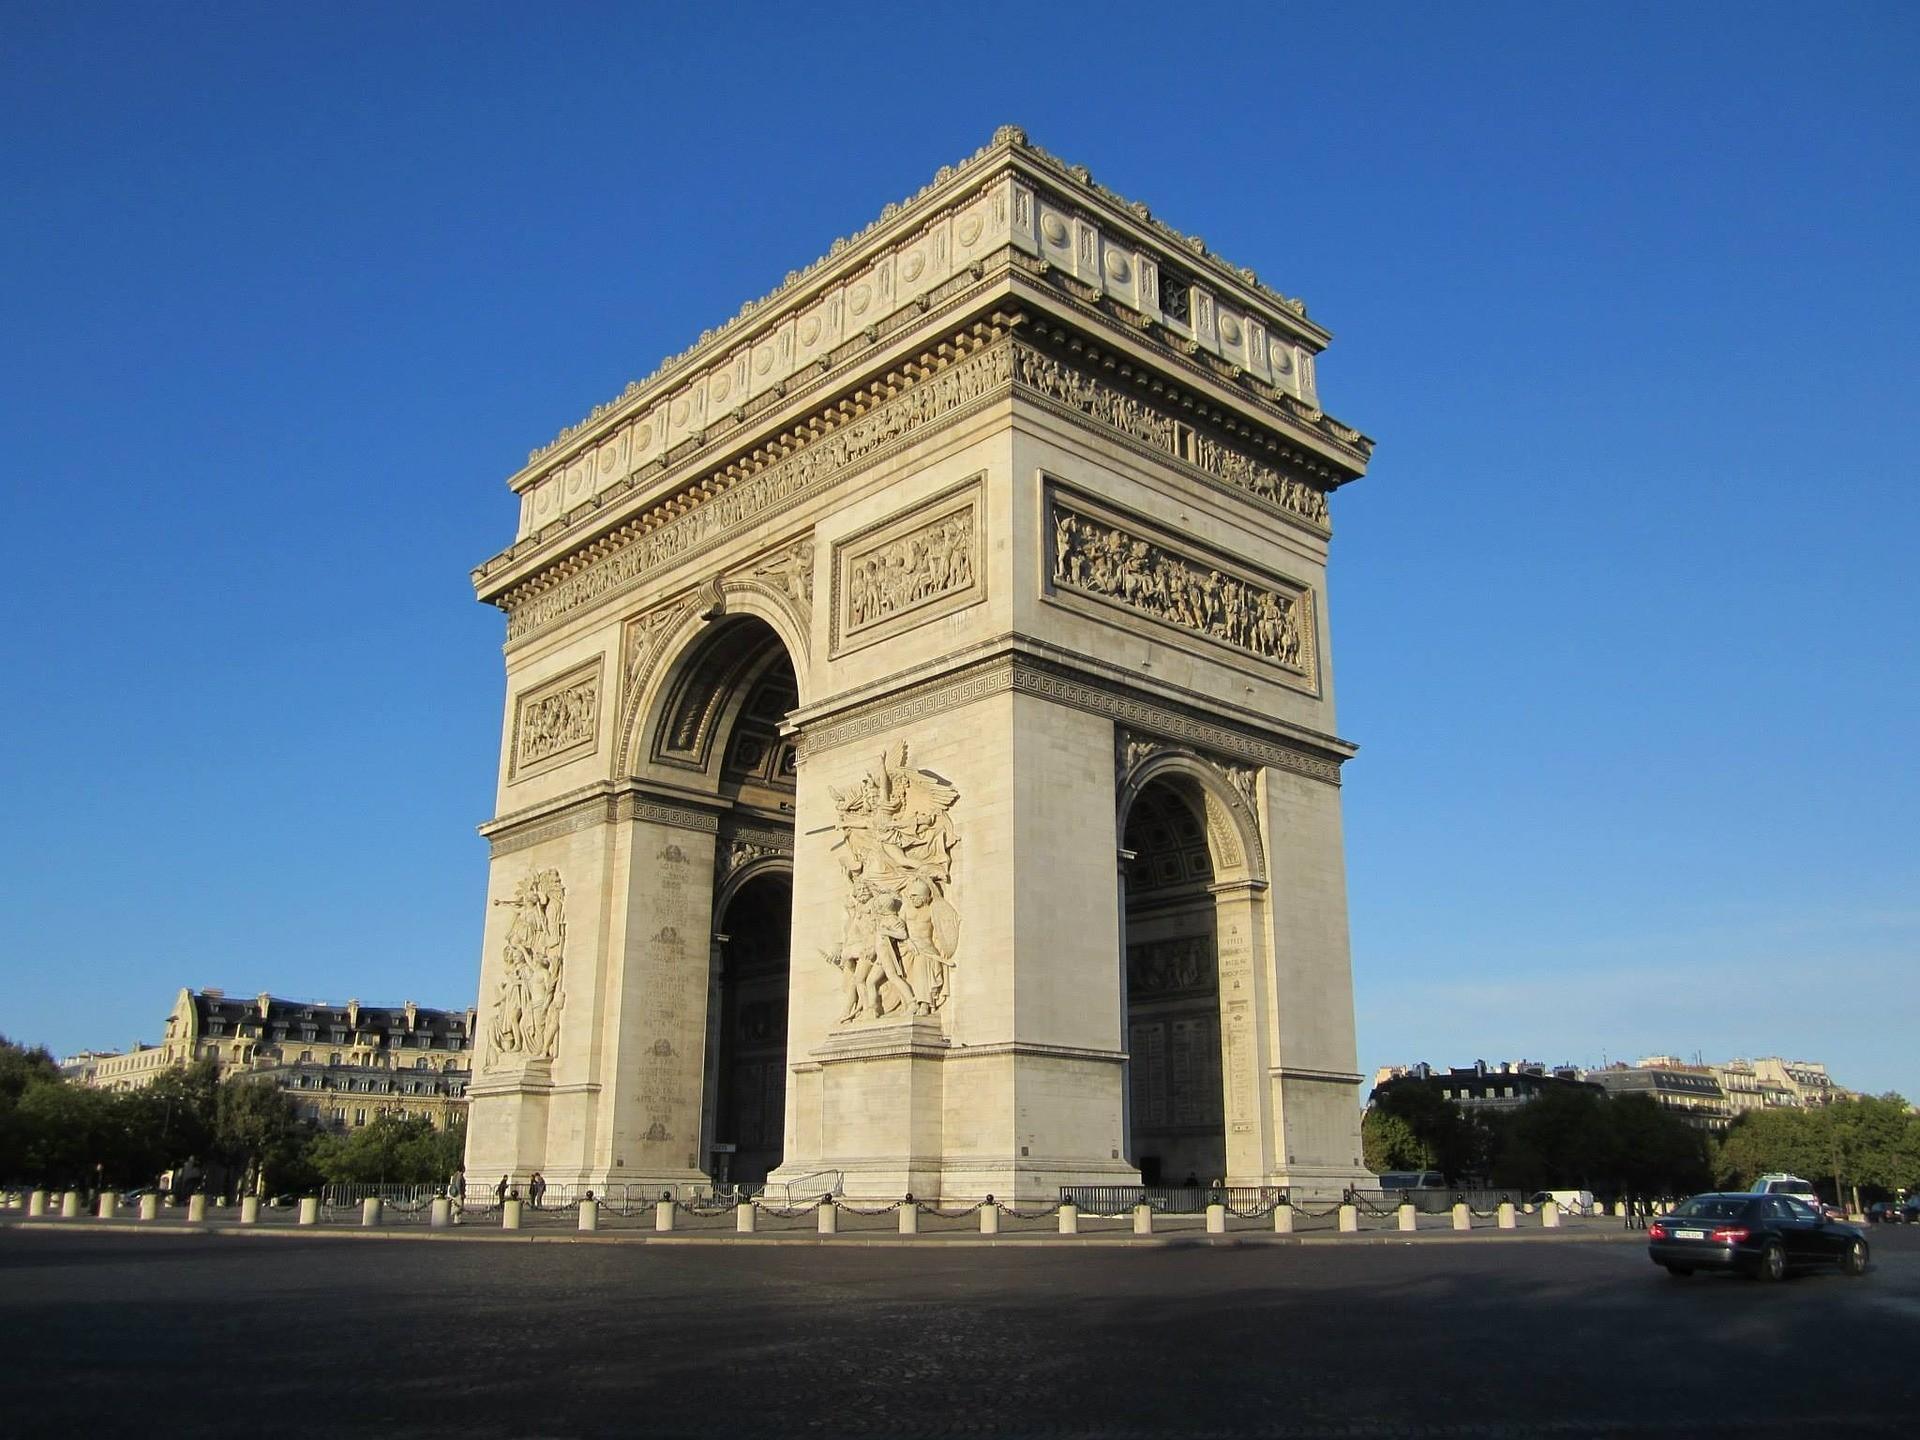 24-horas-paris-bf1322b543913543a330a5790